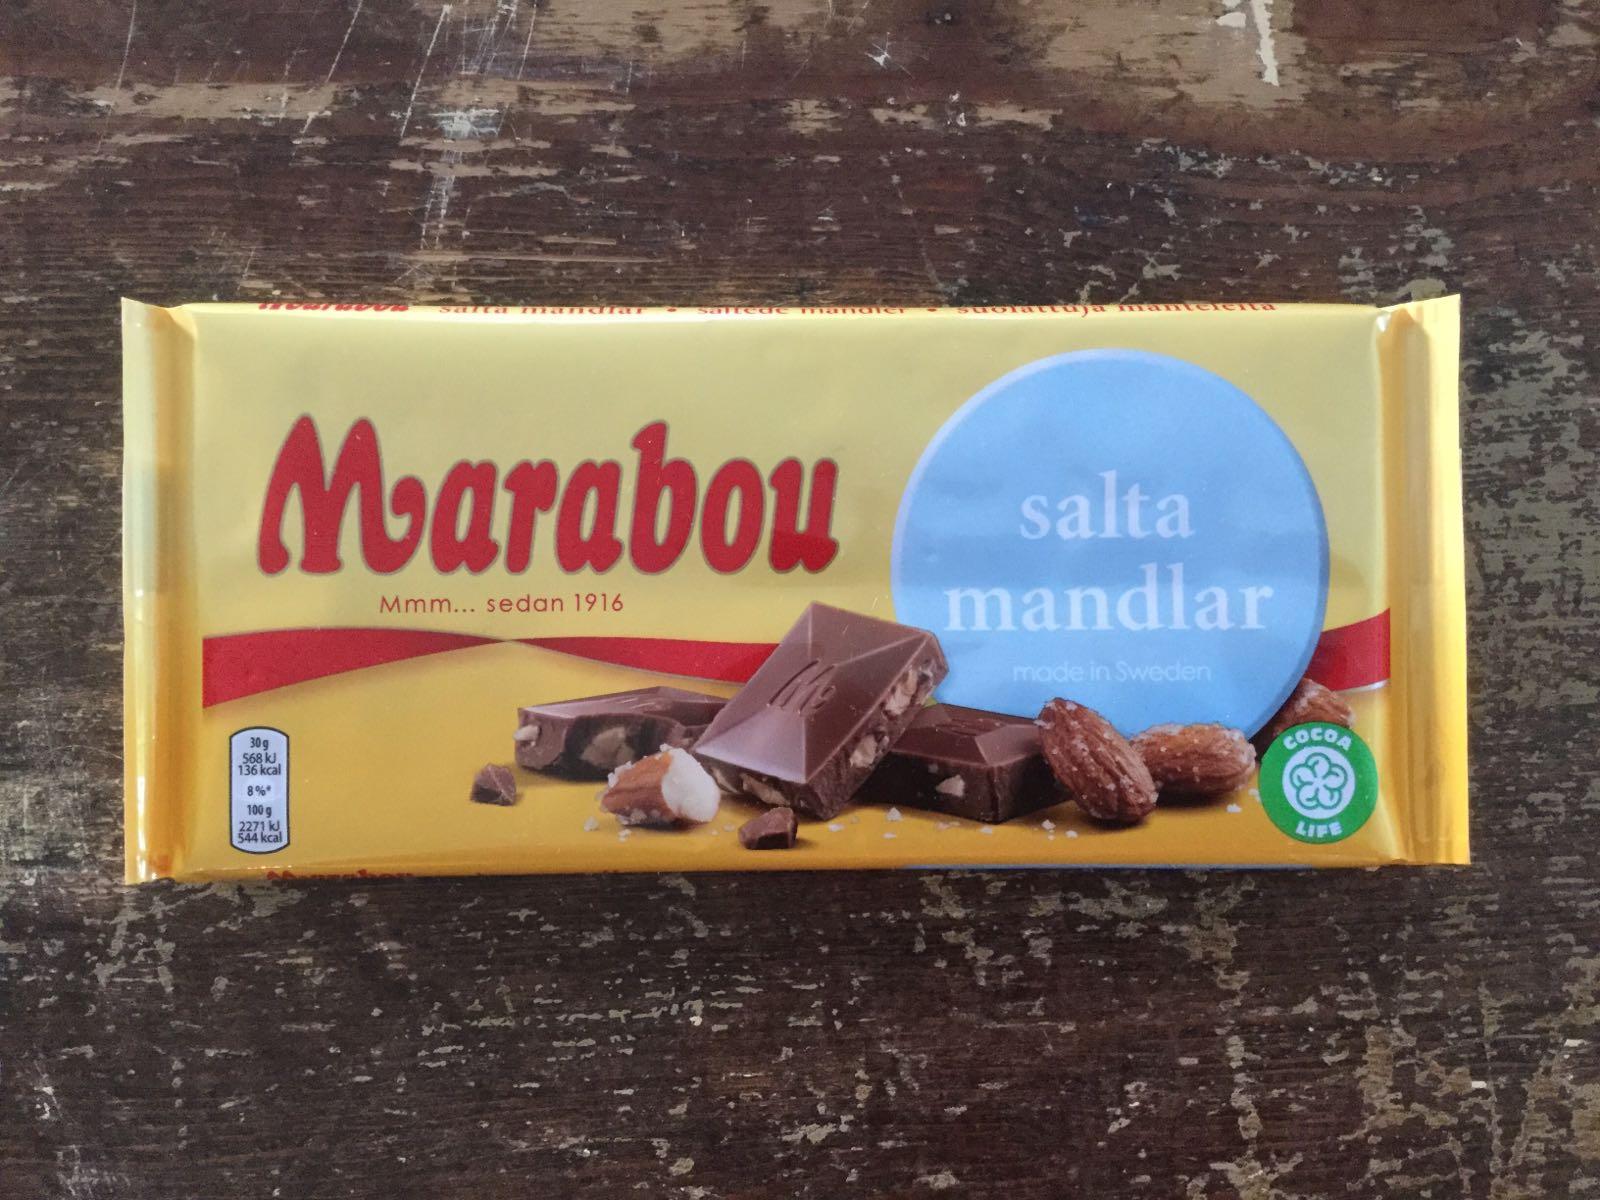 """marabou """"salta mandlar"""", 200g"""